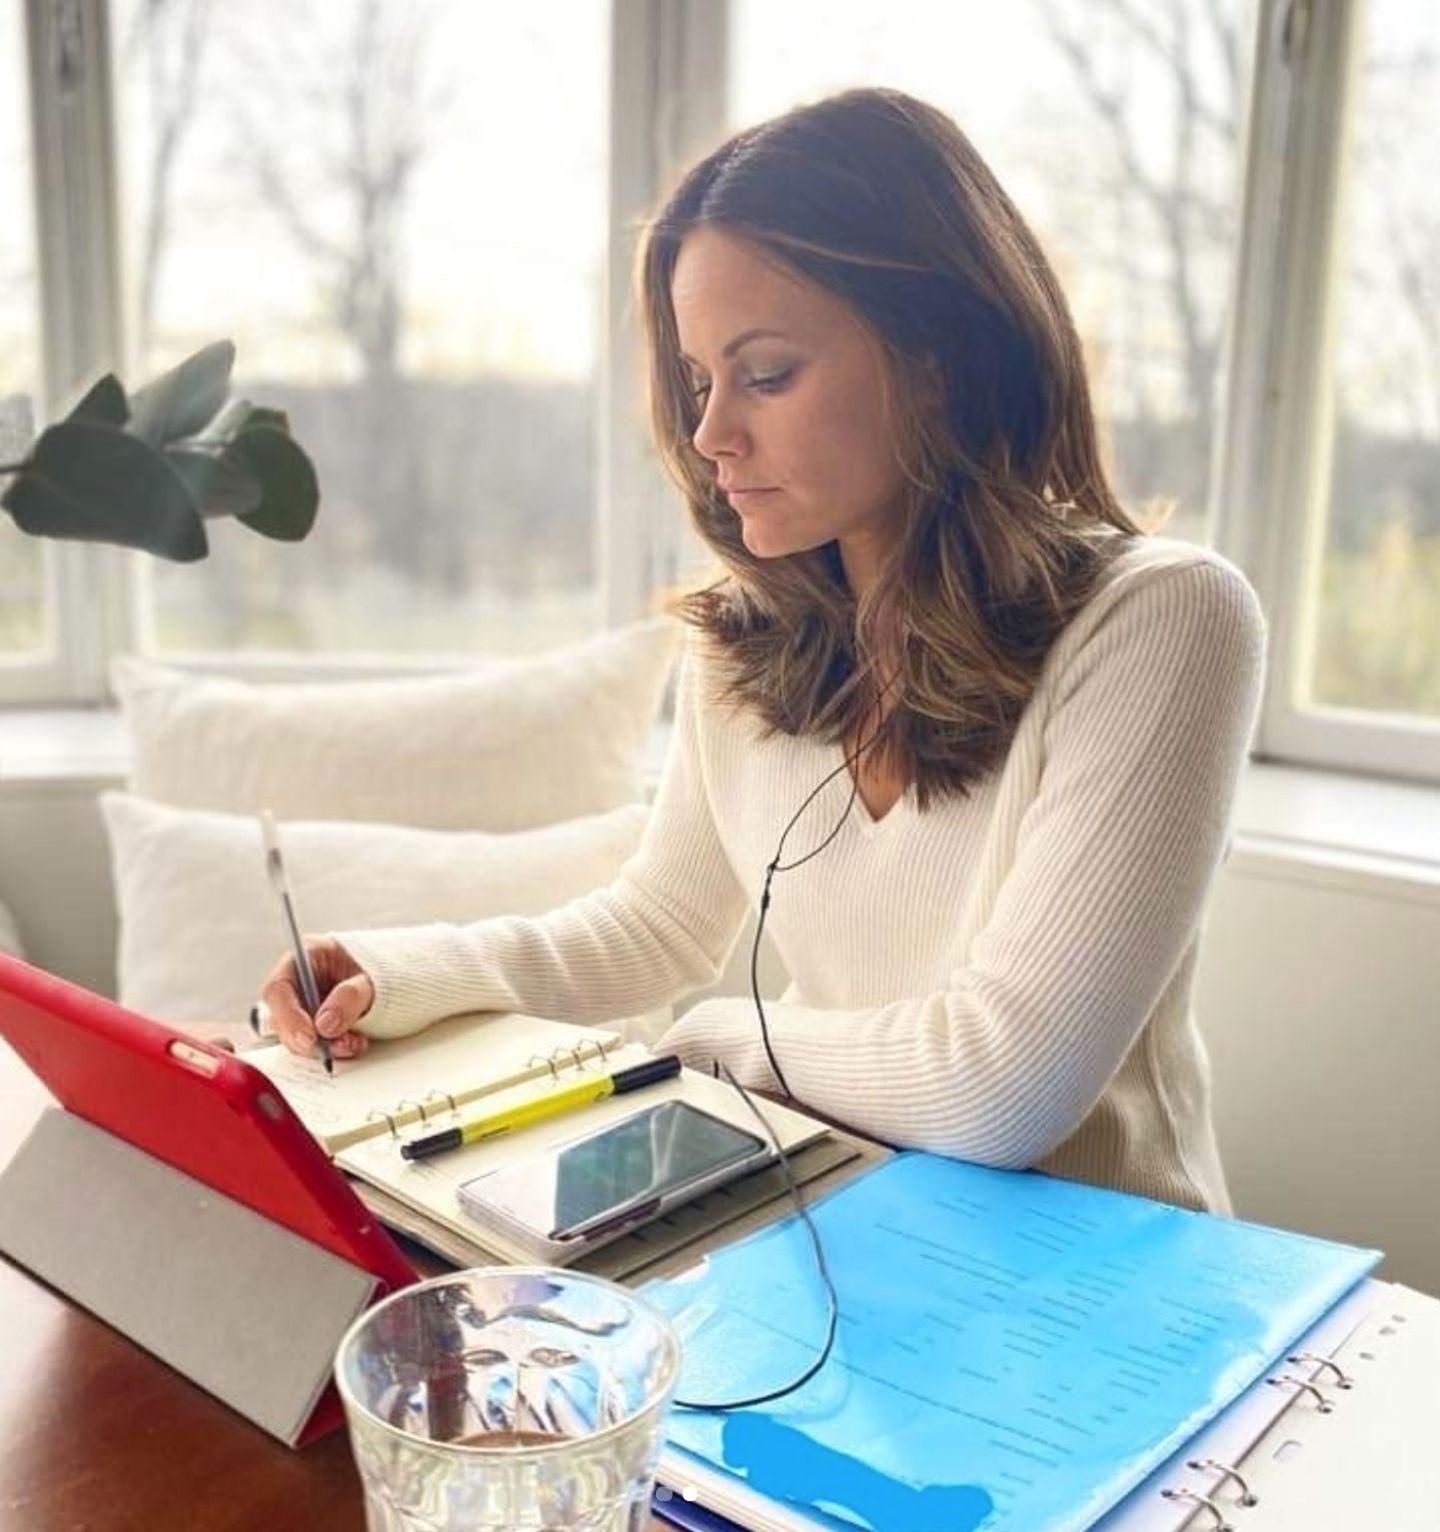 """Prinzessin Sofia hat sich ihren Arbeitsplatz in ihrem Zuhause, der Villa Solbacken nahe Stockholm, eingerichtet. """"Wie alle anderen versuchen wir, die Arbeit, die wir können, zu digitalisieren und von zu Hause aus zu arbeiten"""", schreiben sie und Prinz Carl Philip auf Instagram."""